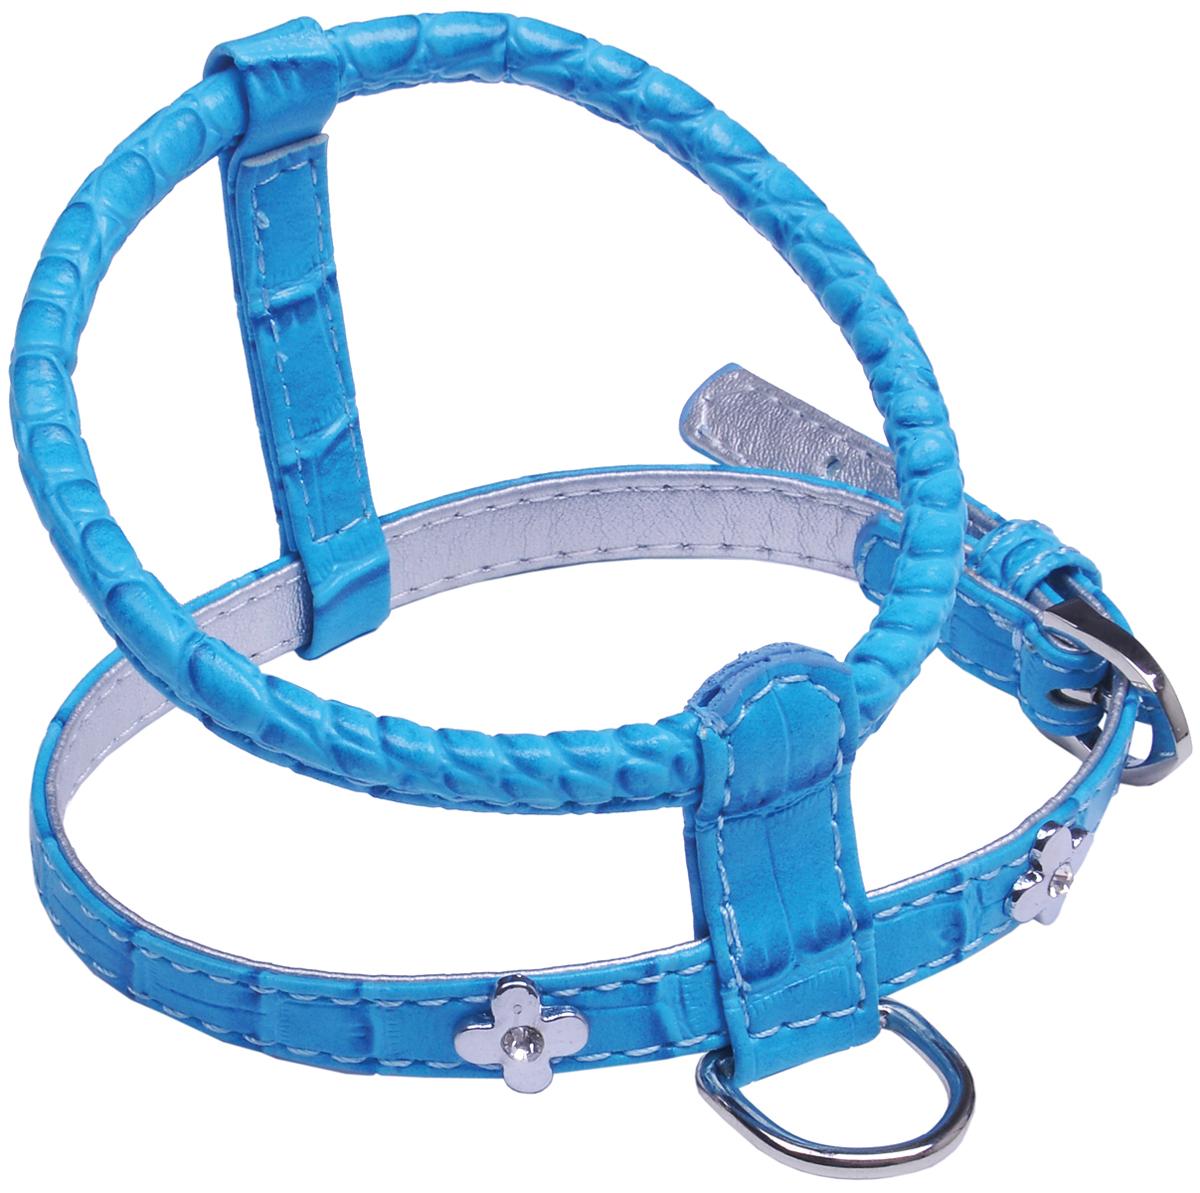 Шлейка для собак GLG Flower, цвет: голубой, 84-115 см. Размер LAMS1102-H-L-BШлейка для собак, изготовленная из искусственной кожи, подходит для собак средних пород. Крепкие металлические элементы делают ее надежной и долговечной. Шлейка - это альтернатива ошейнику. Правильно подобранная шлейка не стесняет движения питомца, не натирает кожу, поэтому животное чувствует себя в ней уверенно и комфортно. Изделие отличается высоким качеством, удобством и универсальностью. Размер регулируется при помощи пряжек.